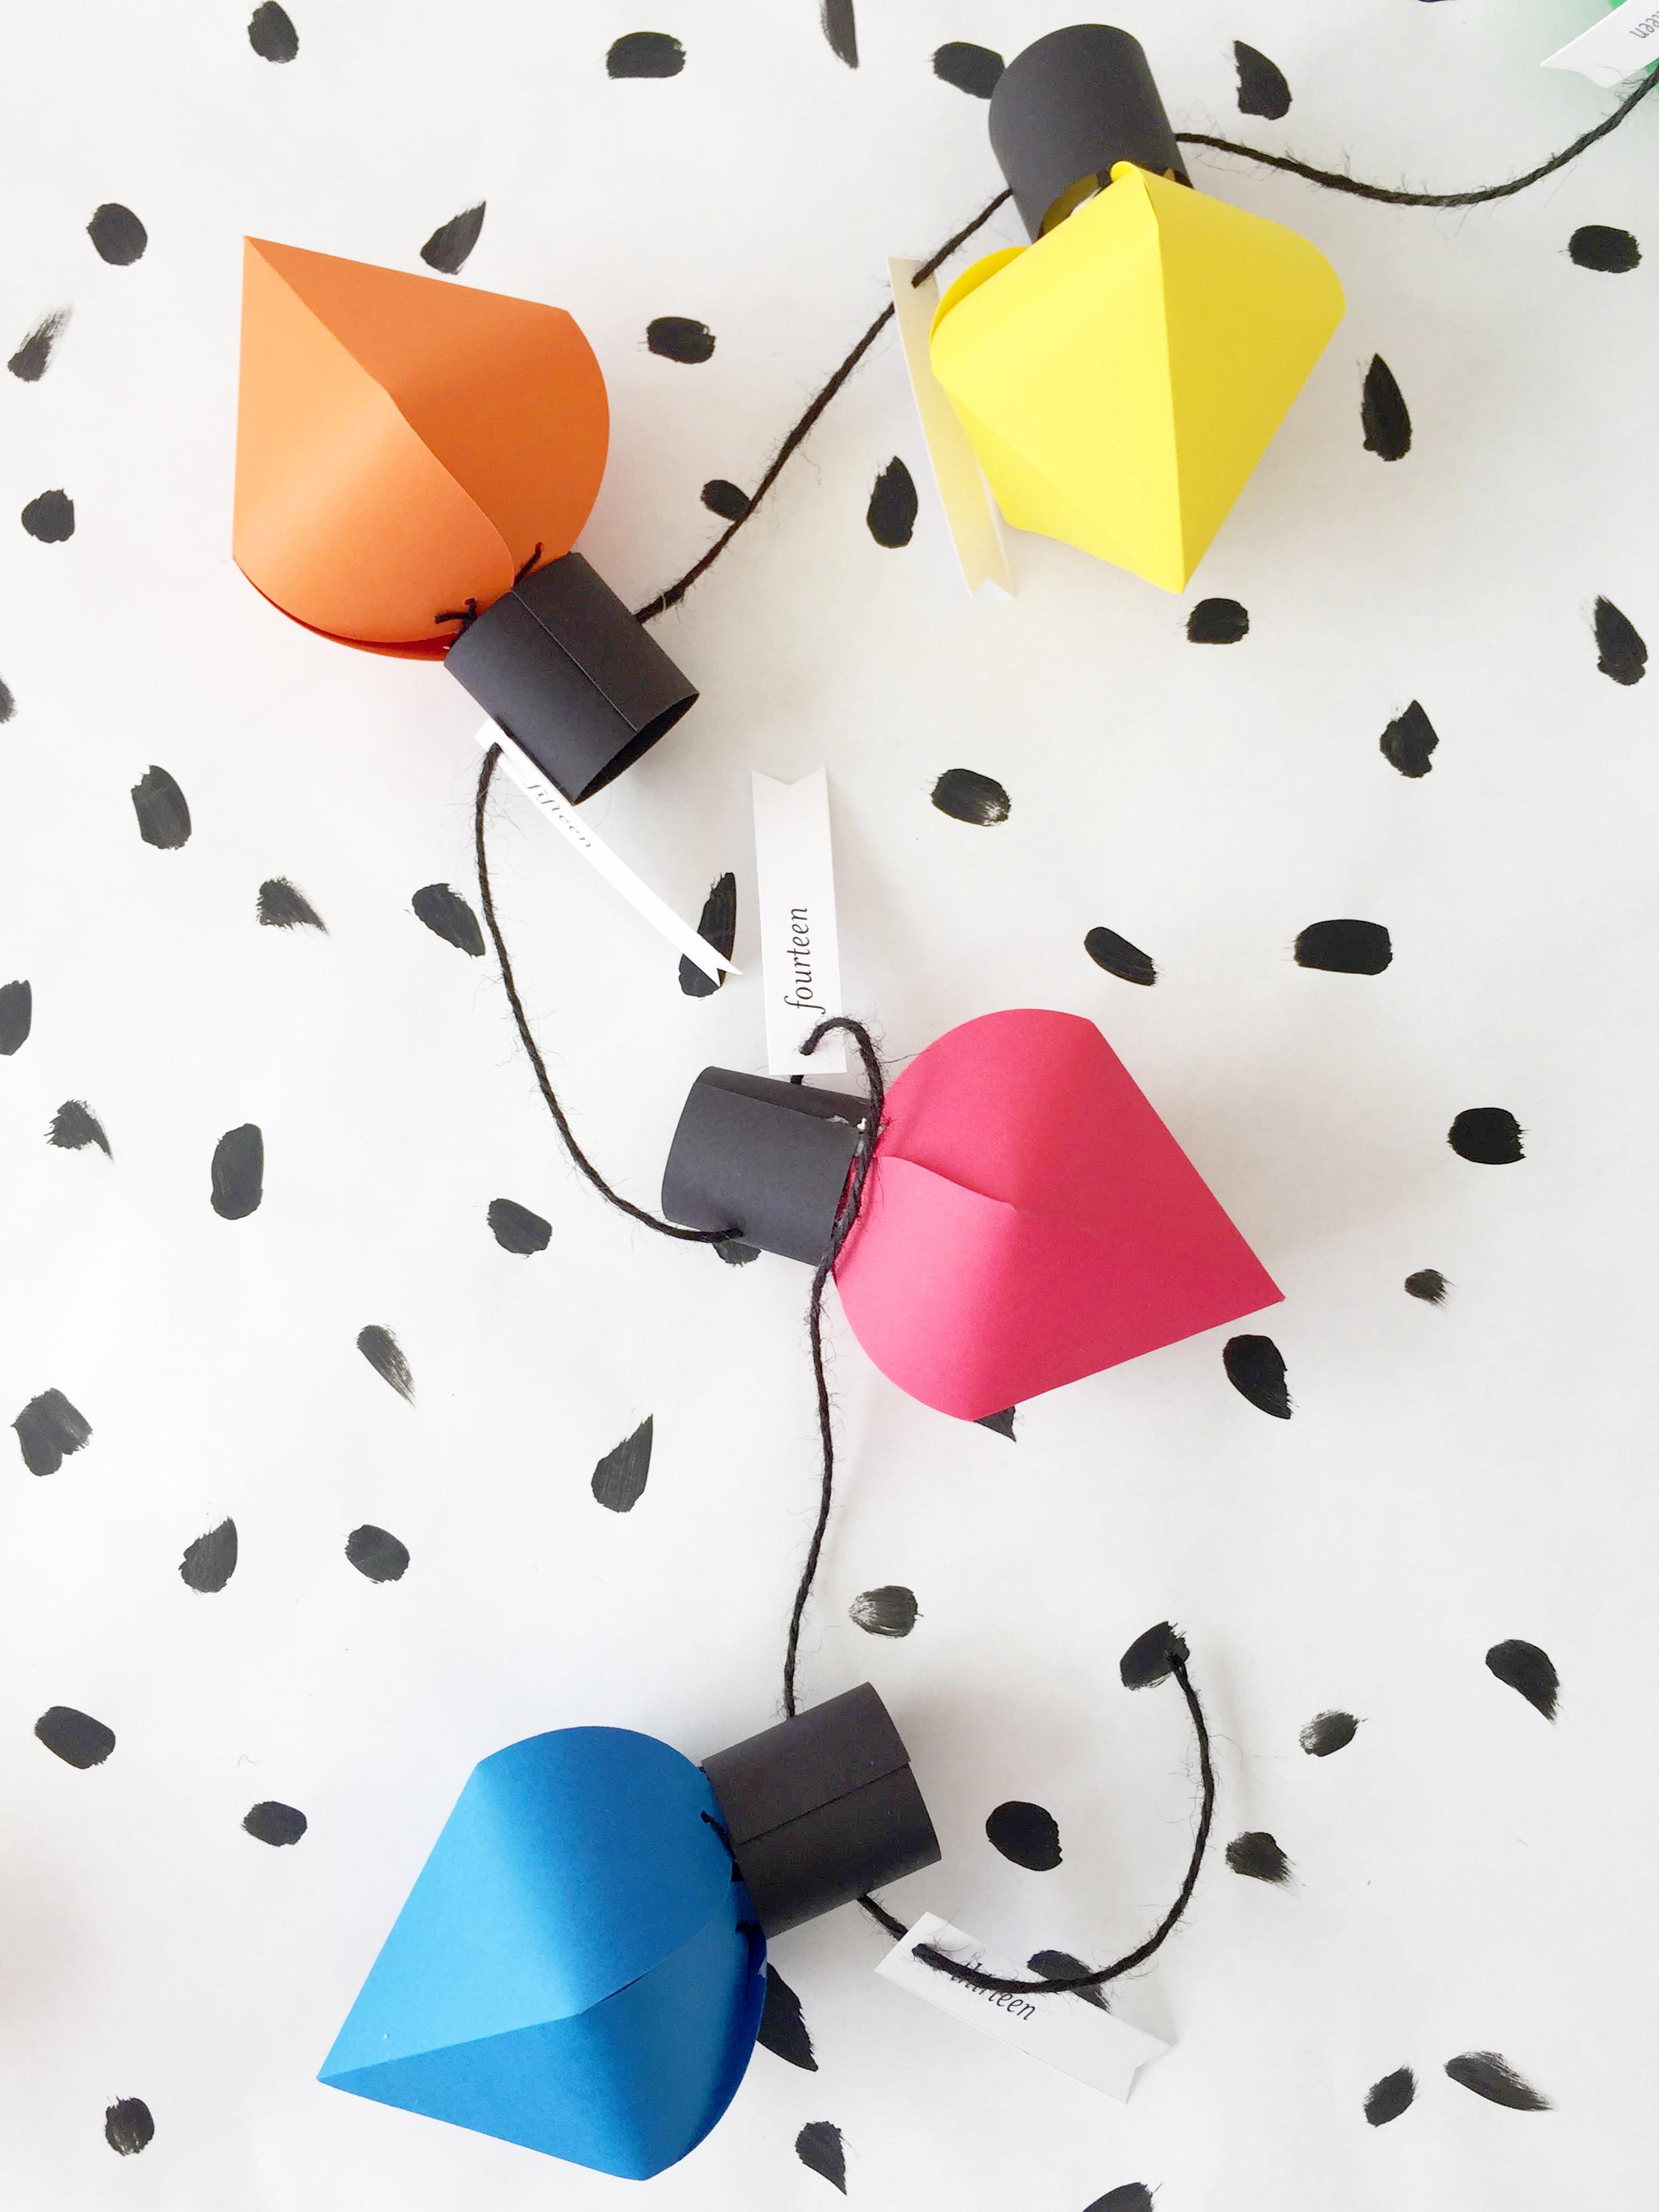 Best ideas about DIY Christmas Light . Save or Pin DIY Christmas bulb advent calendar Now.